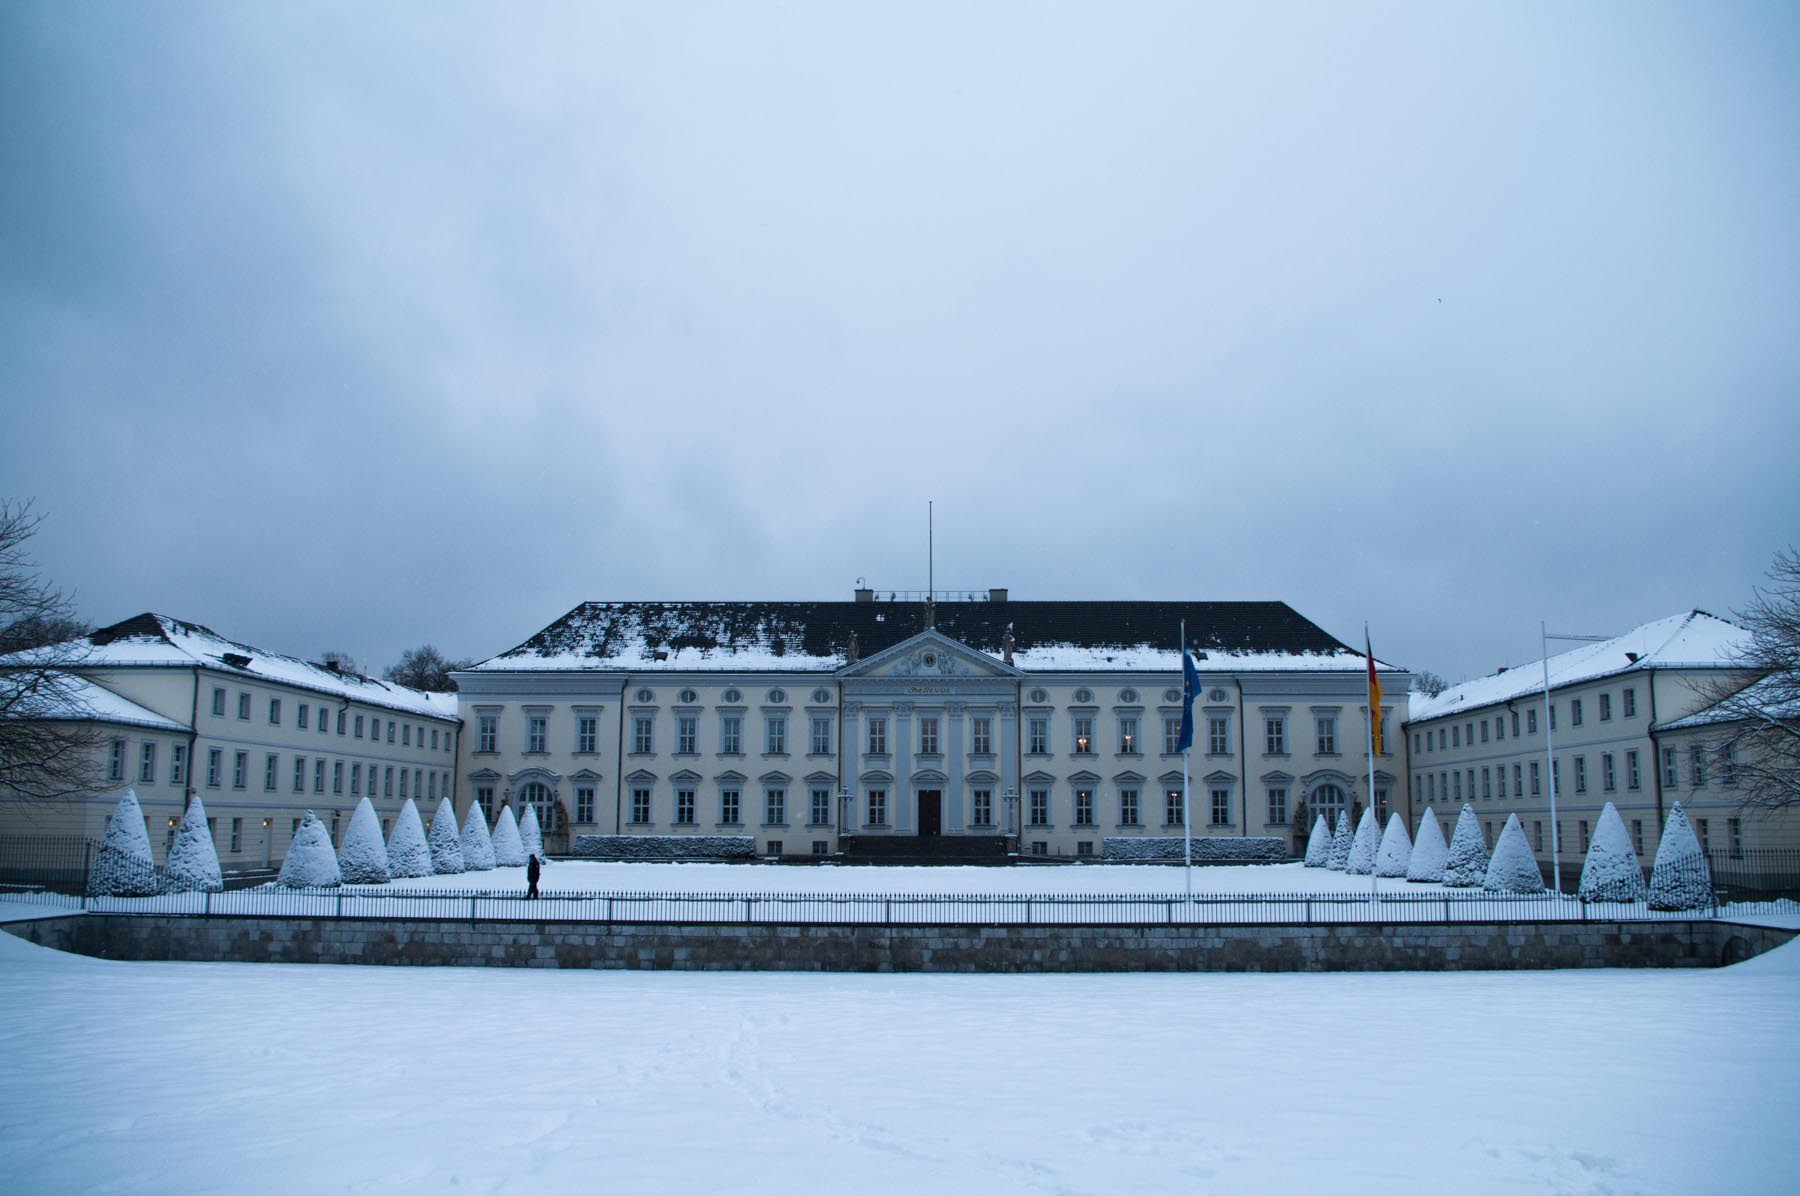 Das Schloss Bellevue in Berlin als Frontaufnahme